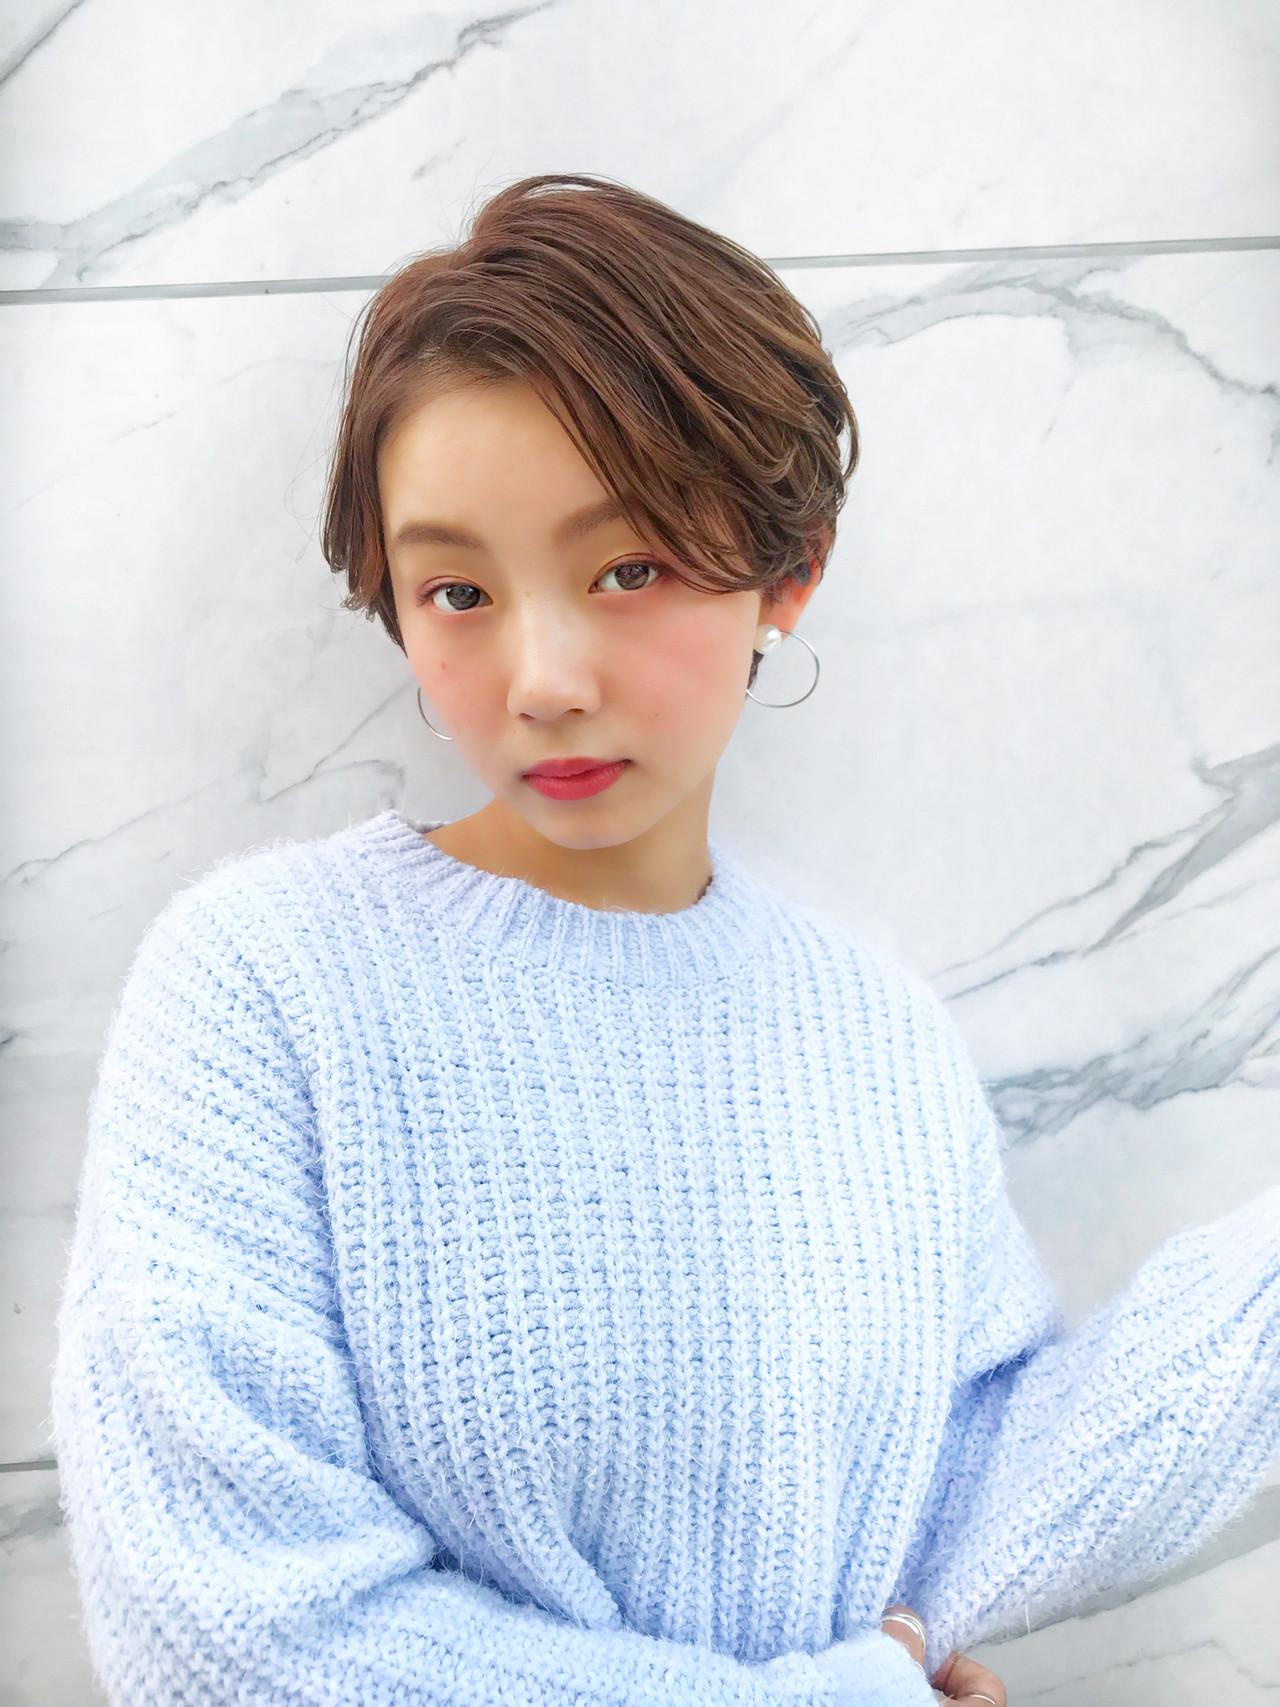 フェミニン ショート デート パーマ ヘアスタイルや髪型の写真・画像 | MANOHARU 新屋敷 / MANOHARU